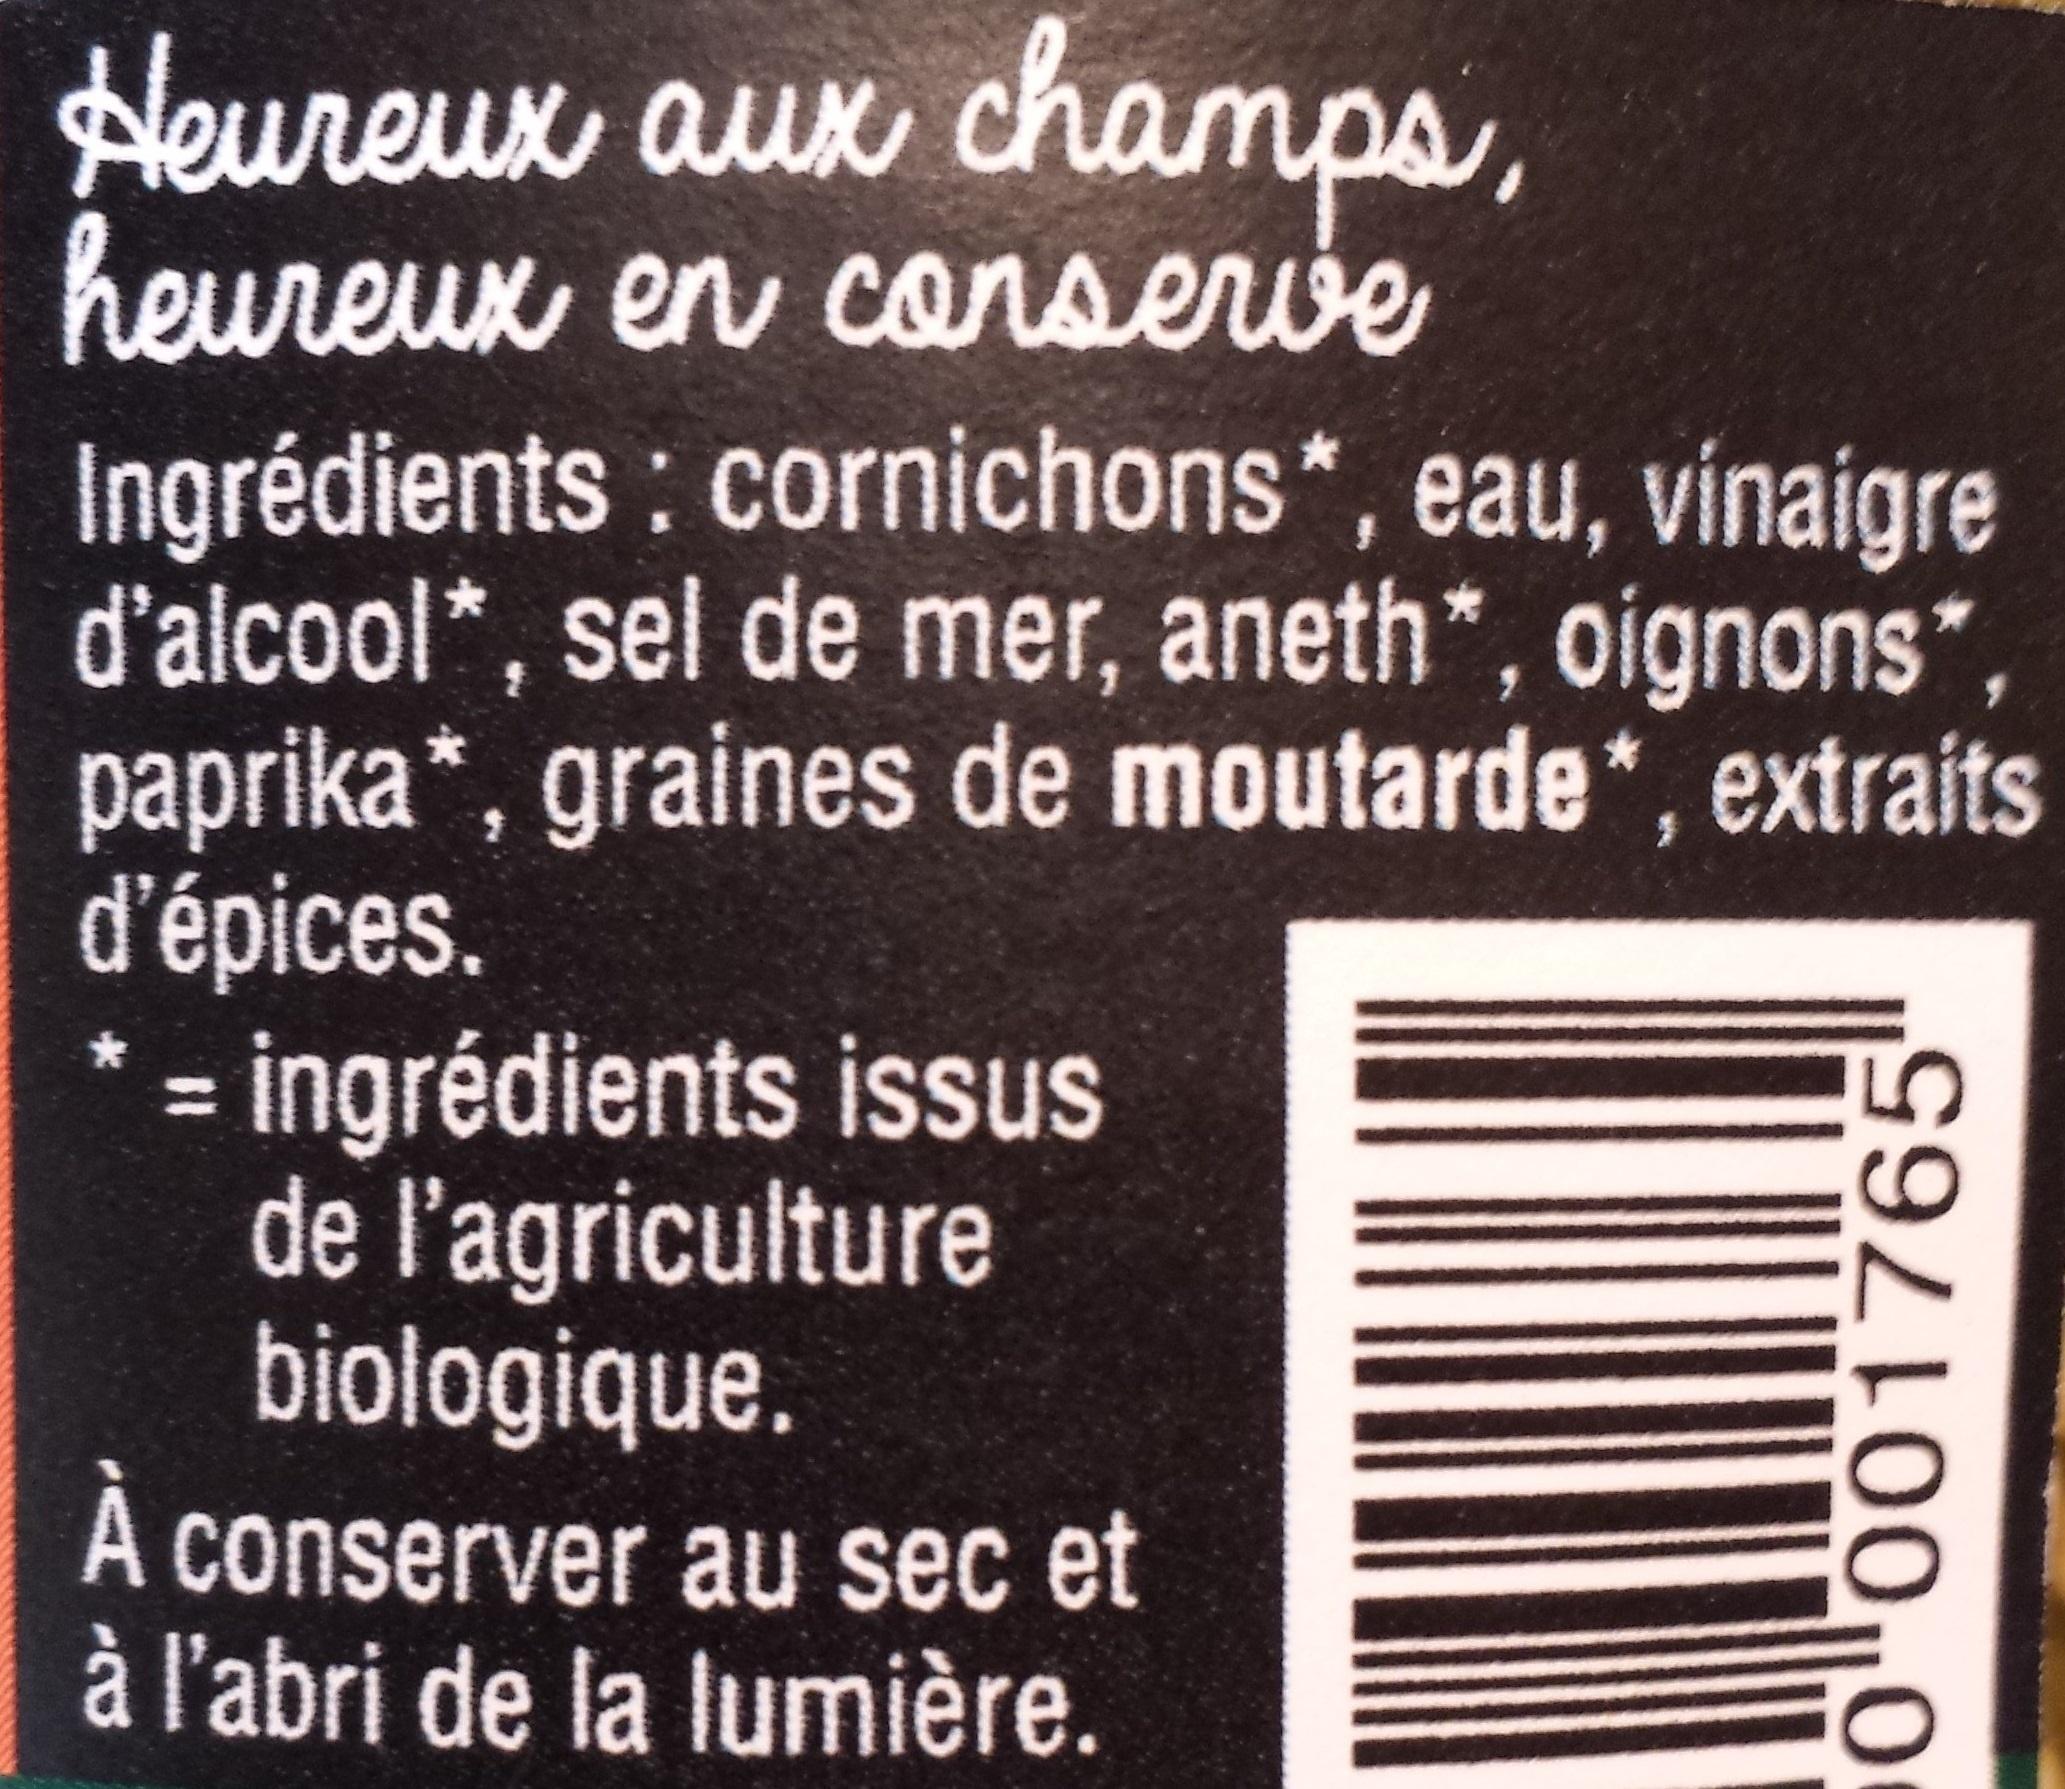 Cornichons au vinaigre BIO - Ingrédients